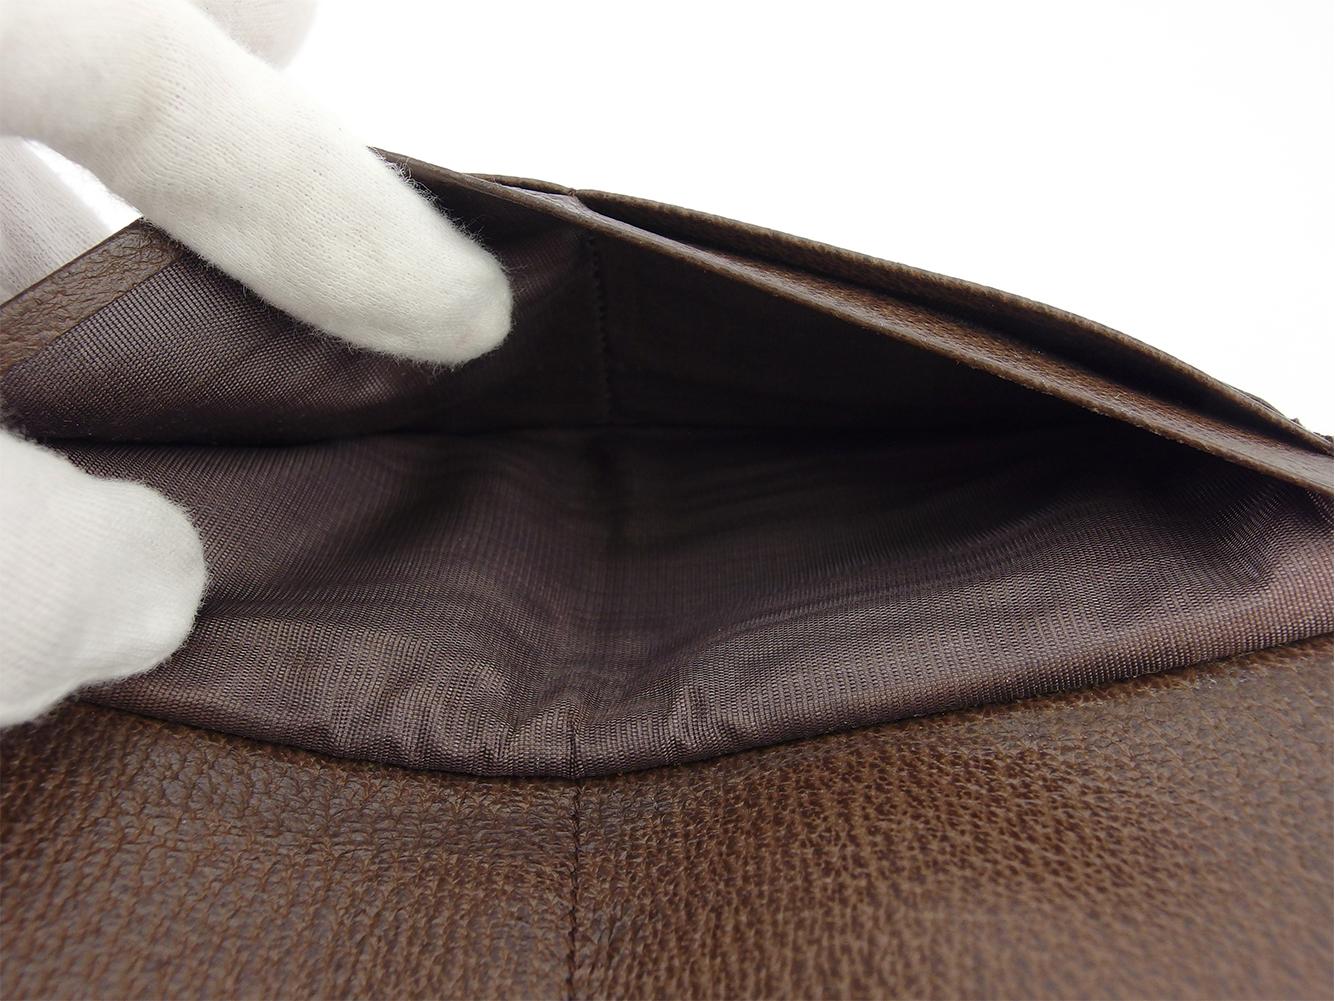 【中古】ブルガリ長財布Wホック財布レディースメンズロゴマニアブラウンブラックシルバーキャンバス×レザーBVLGARIT18175